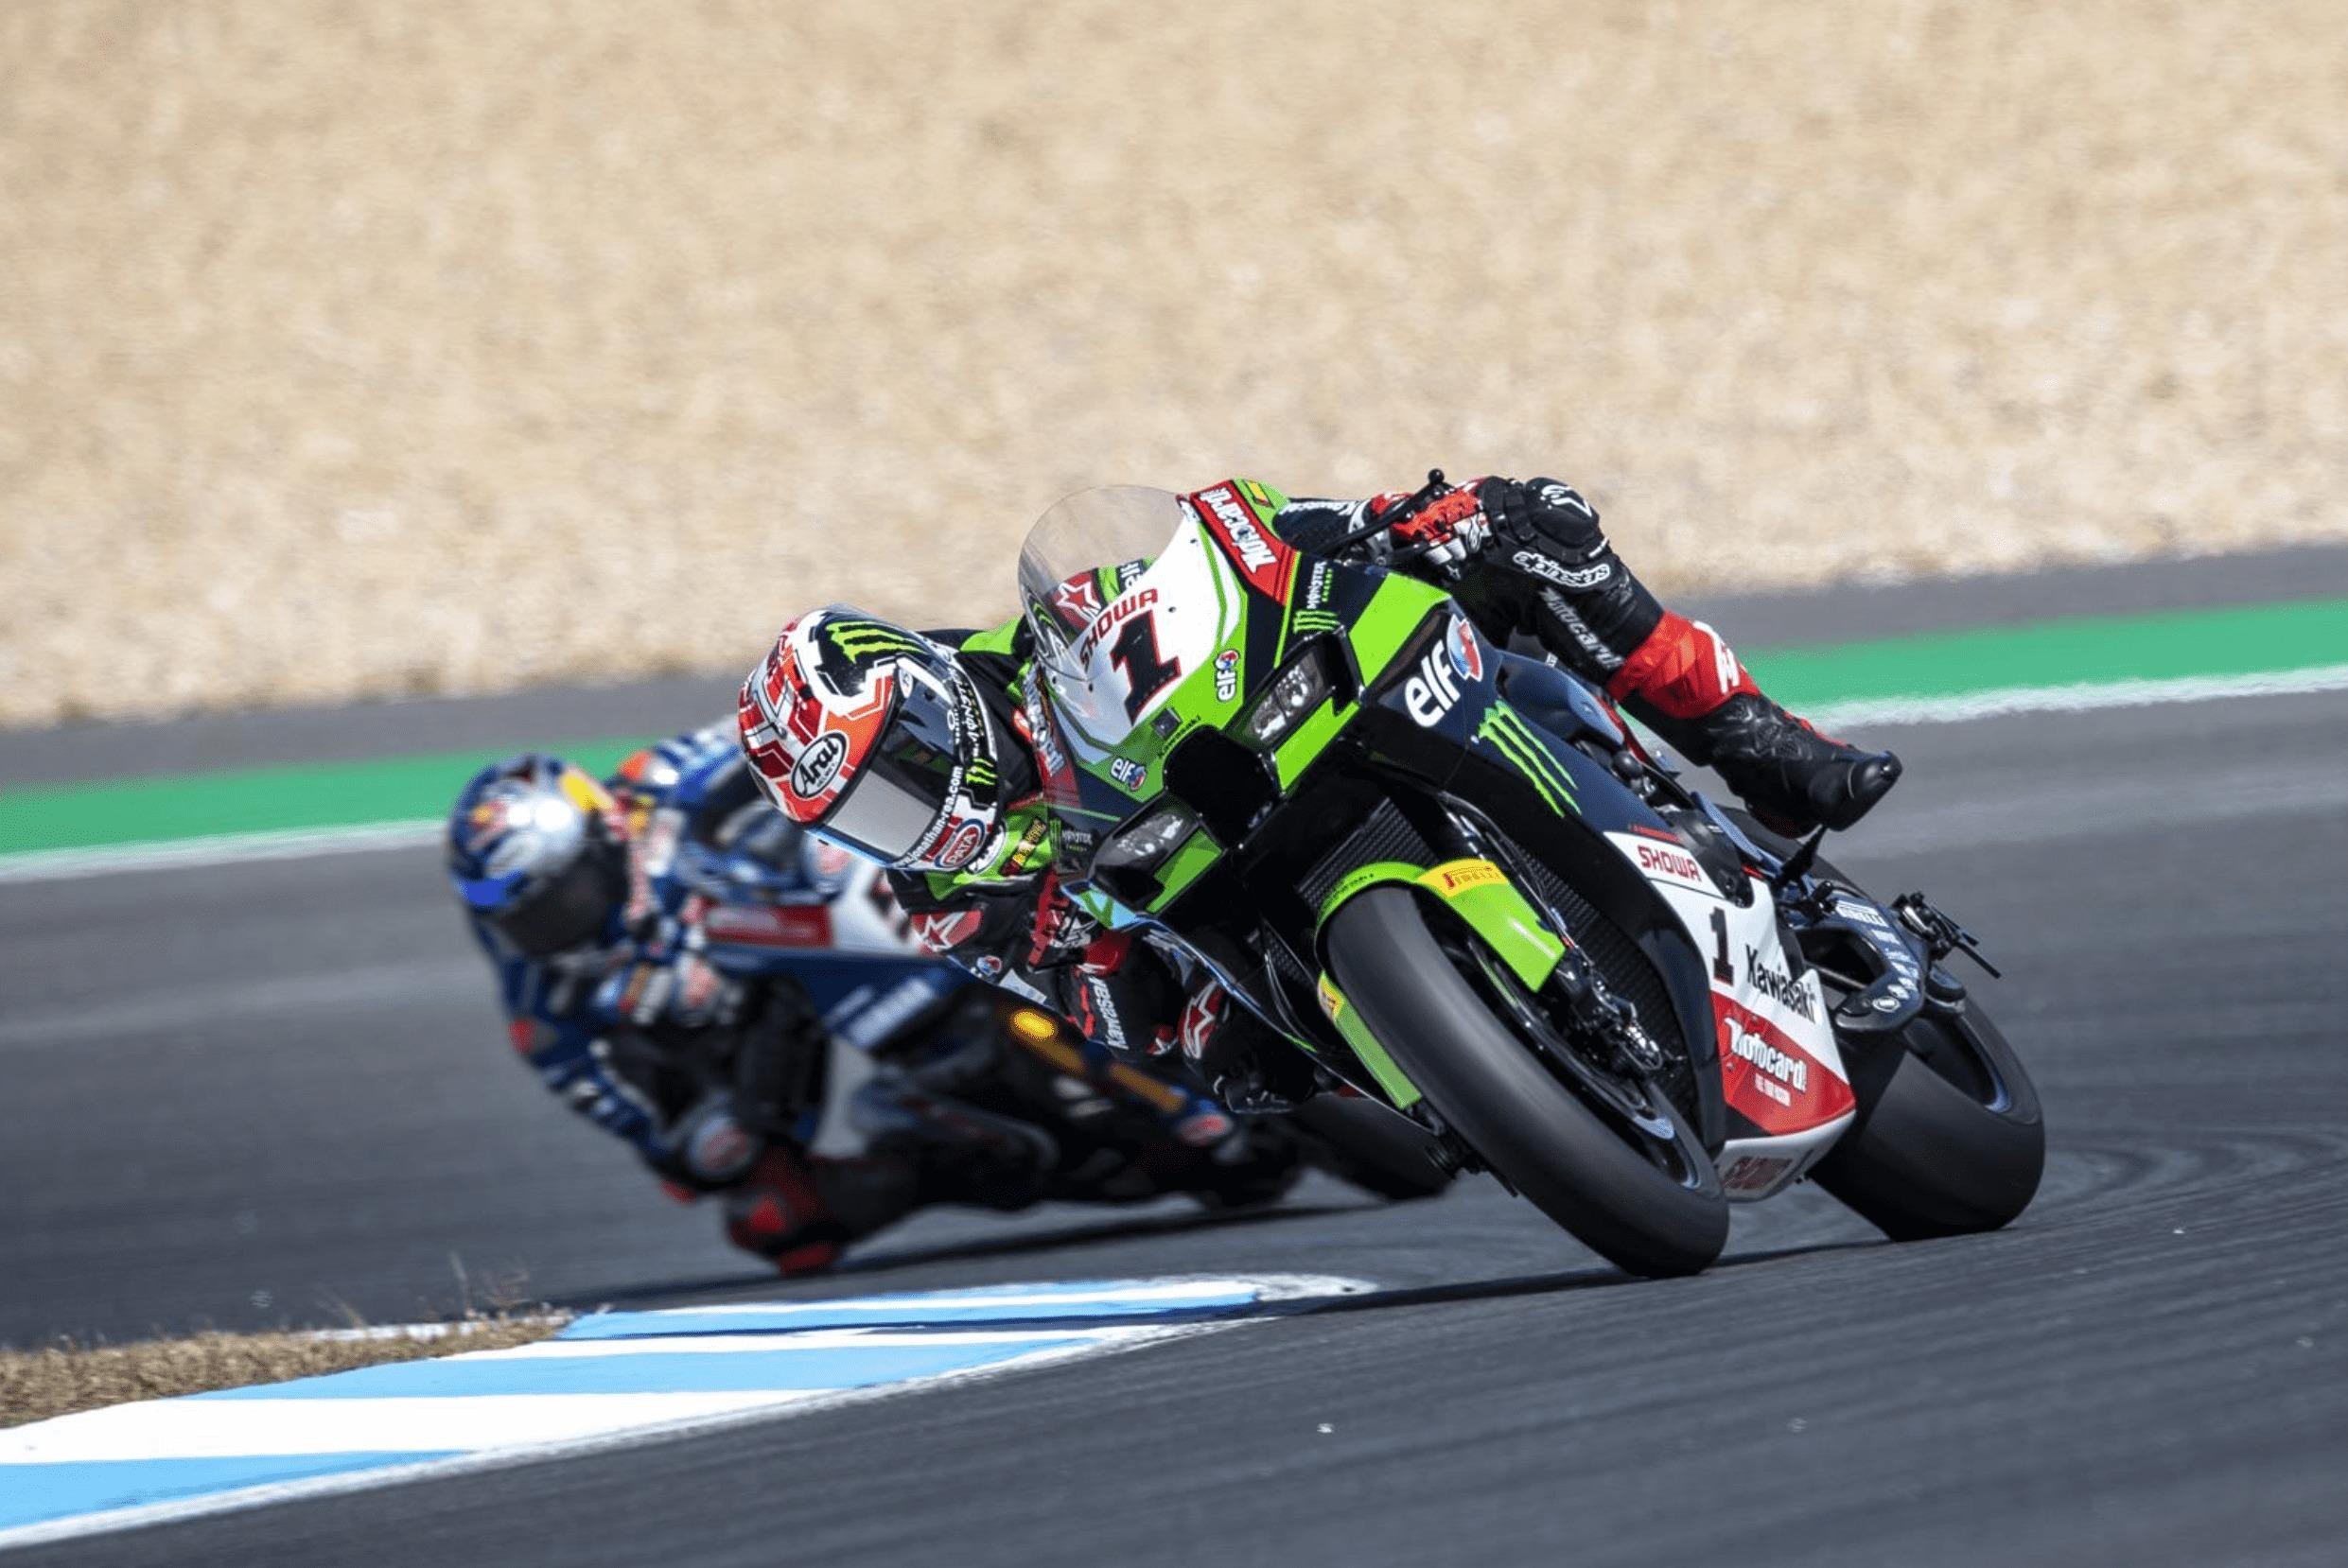 FIM スーパーバイク世界選手権(SBK)エストリル戦 ジョナサン・レイ「SC0タイヤは幅広いレンジで活躍してくれた」